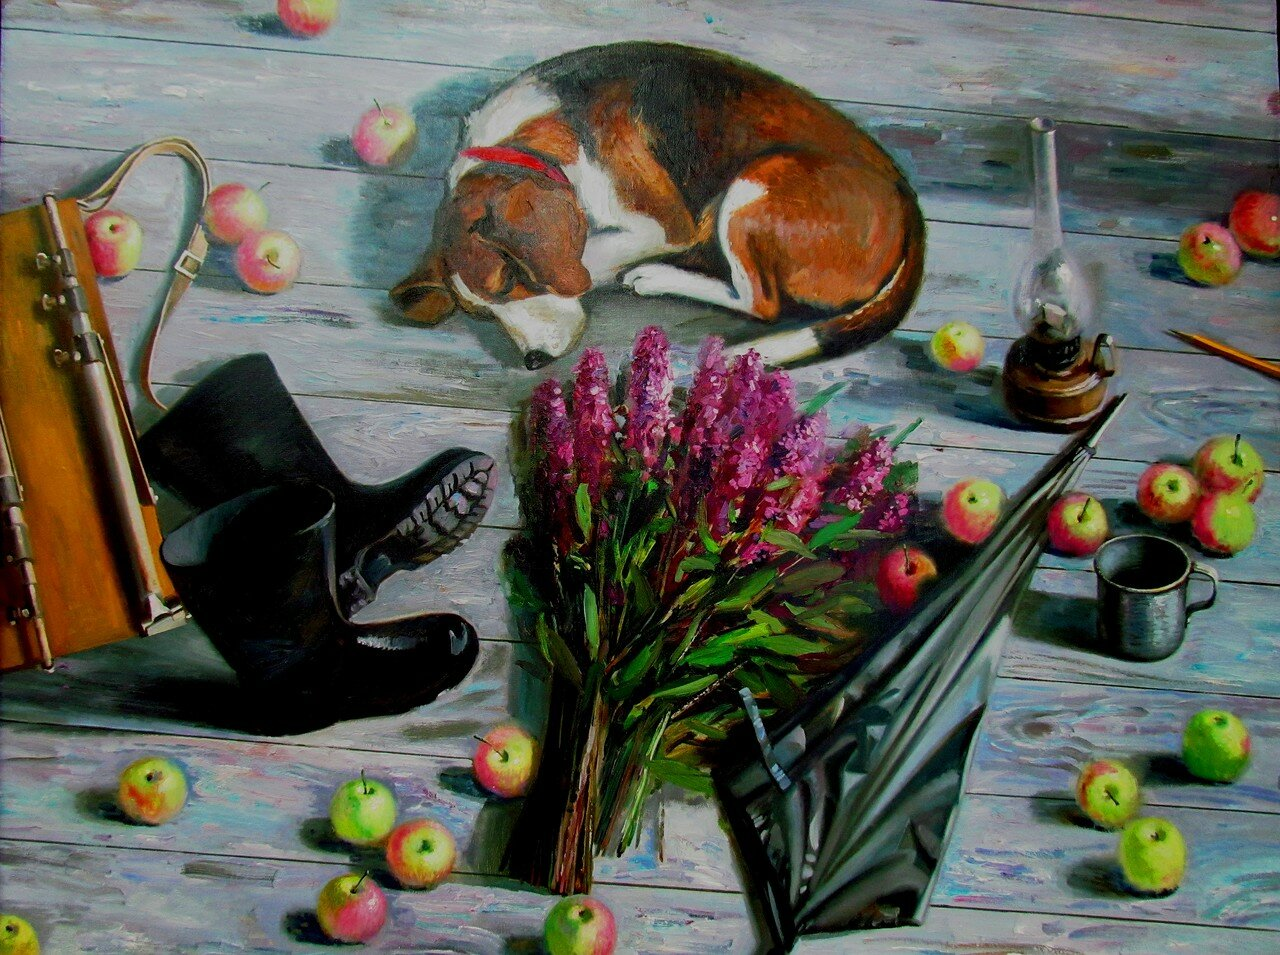 антон макаров.двадцать девять яблок и пес.jpg